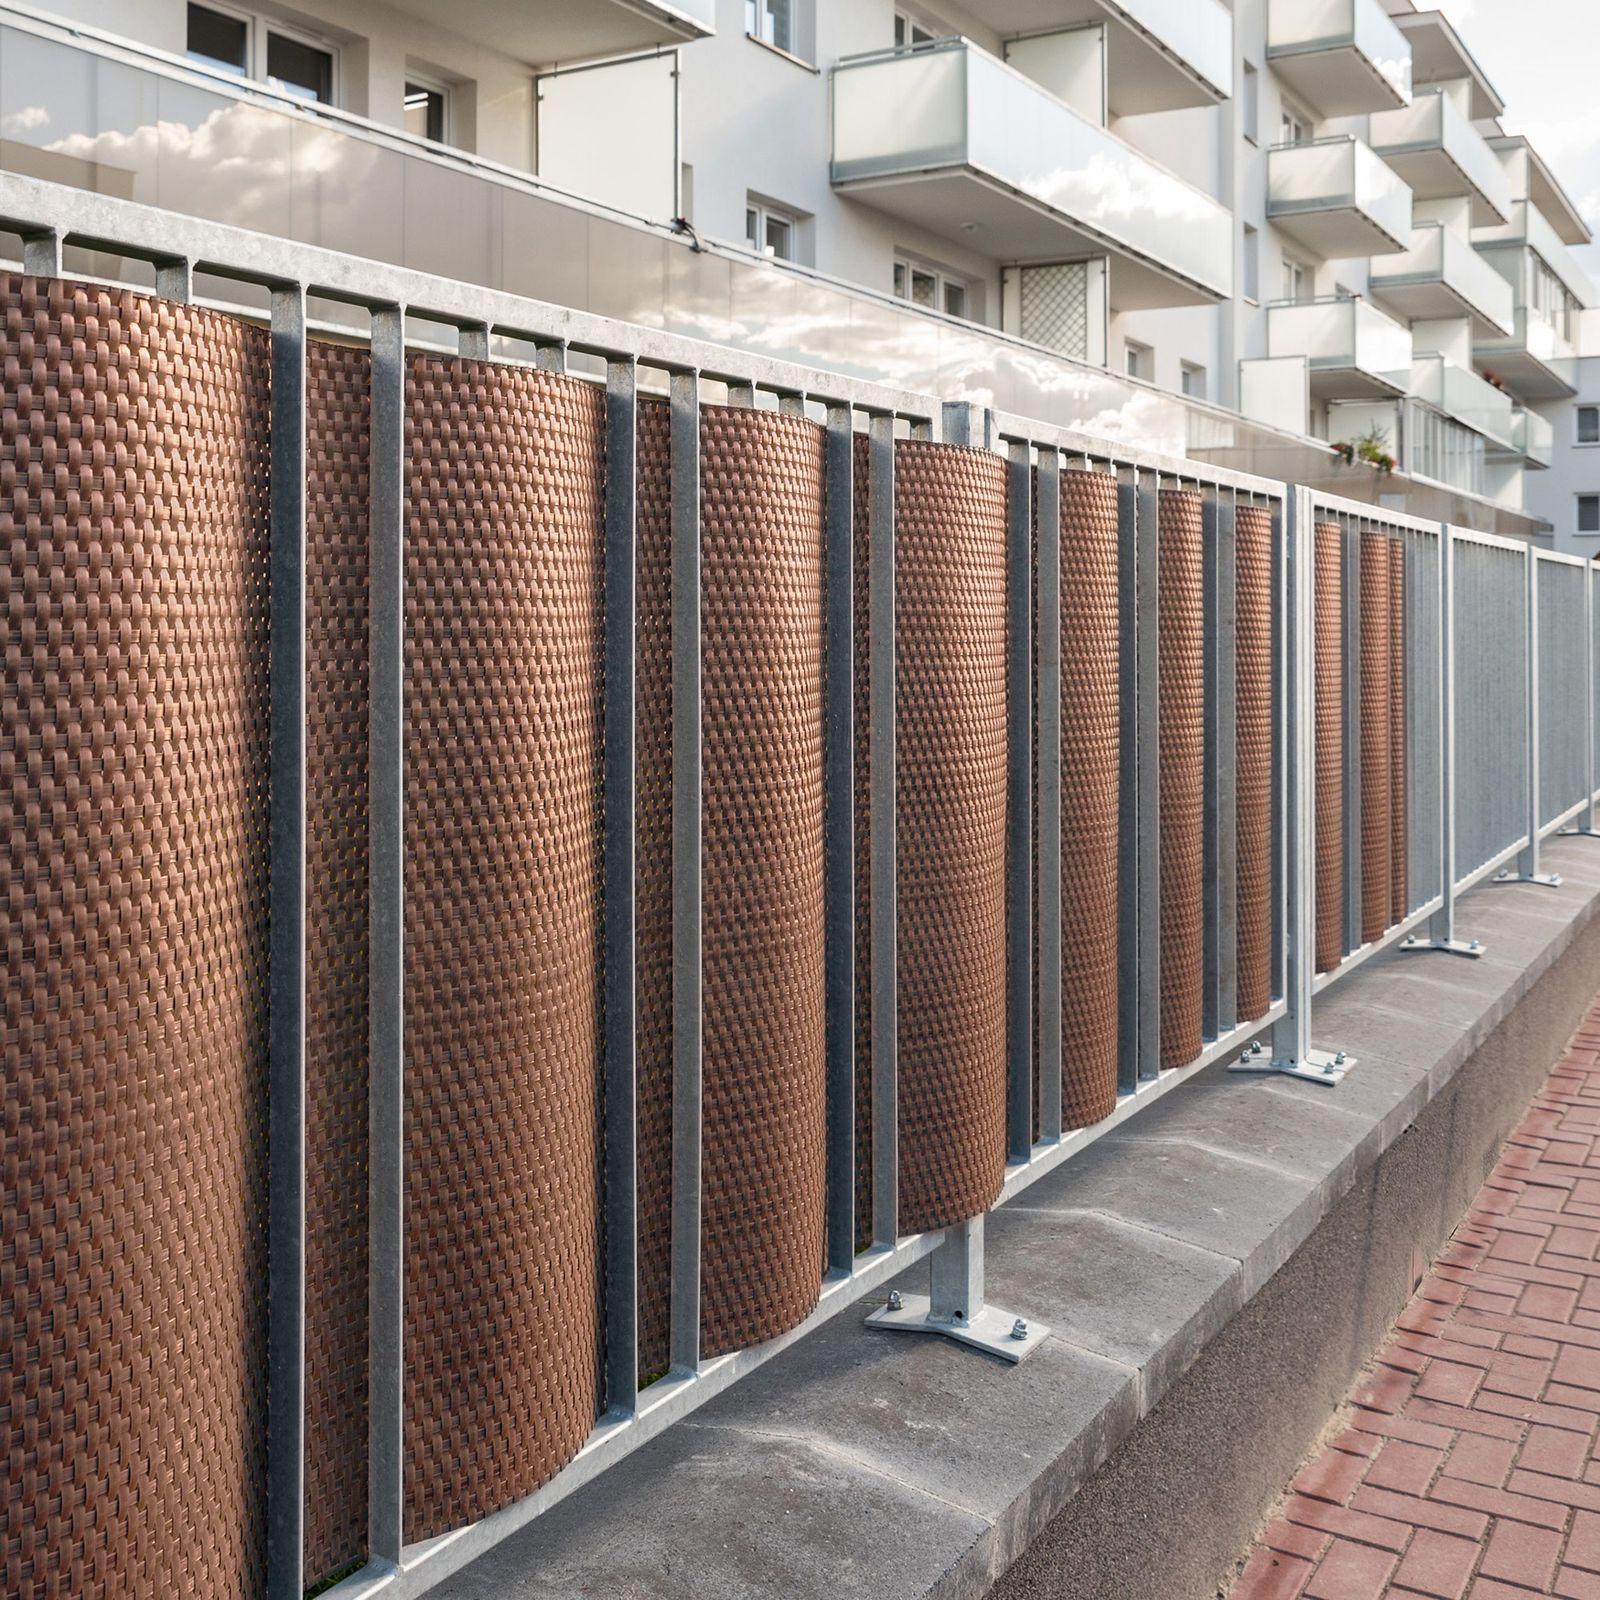 Osłona balkonowa Tress 0,9 x 3 m brązowa PATIO